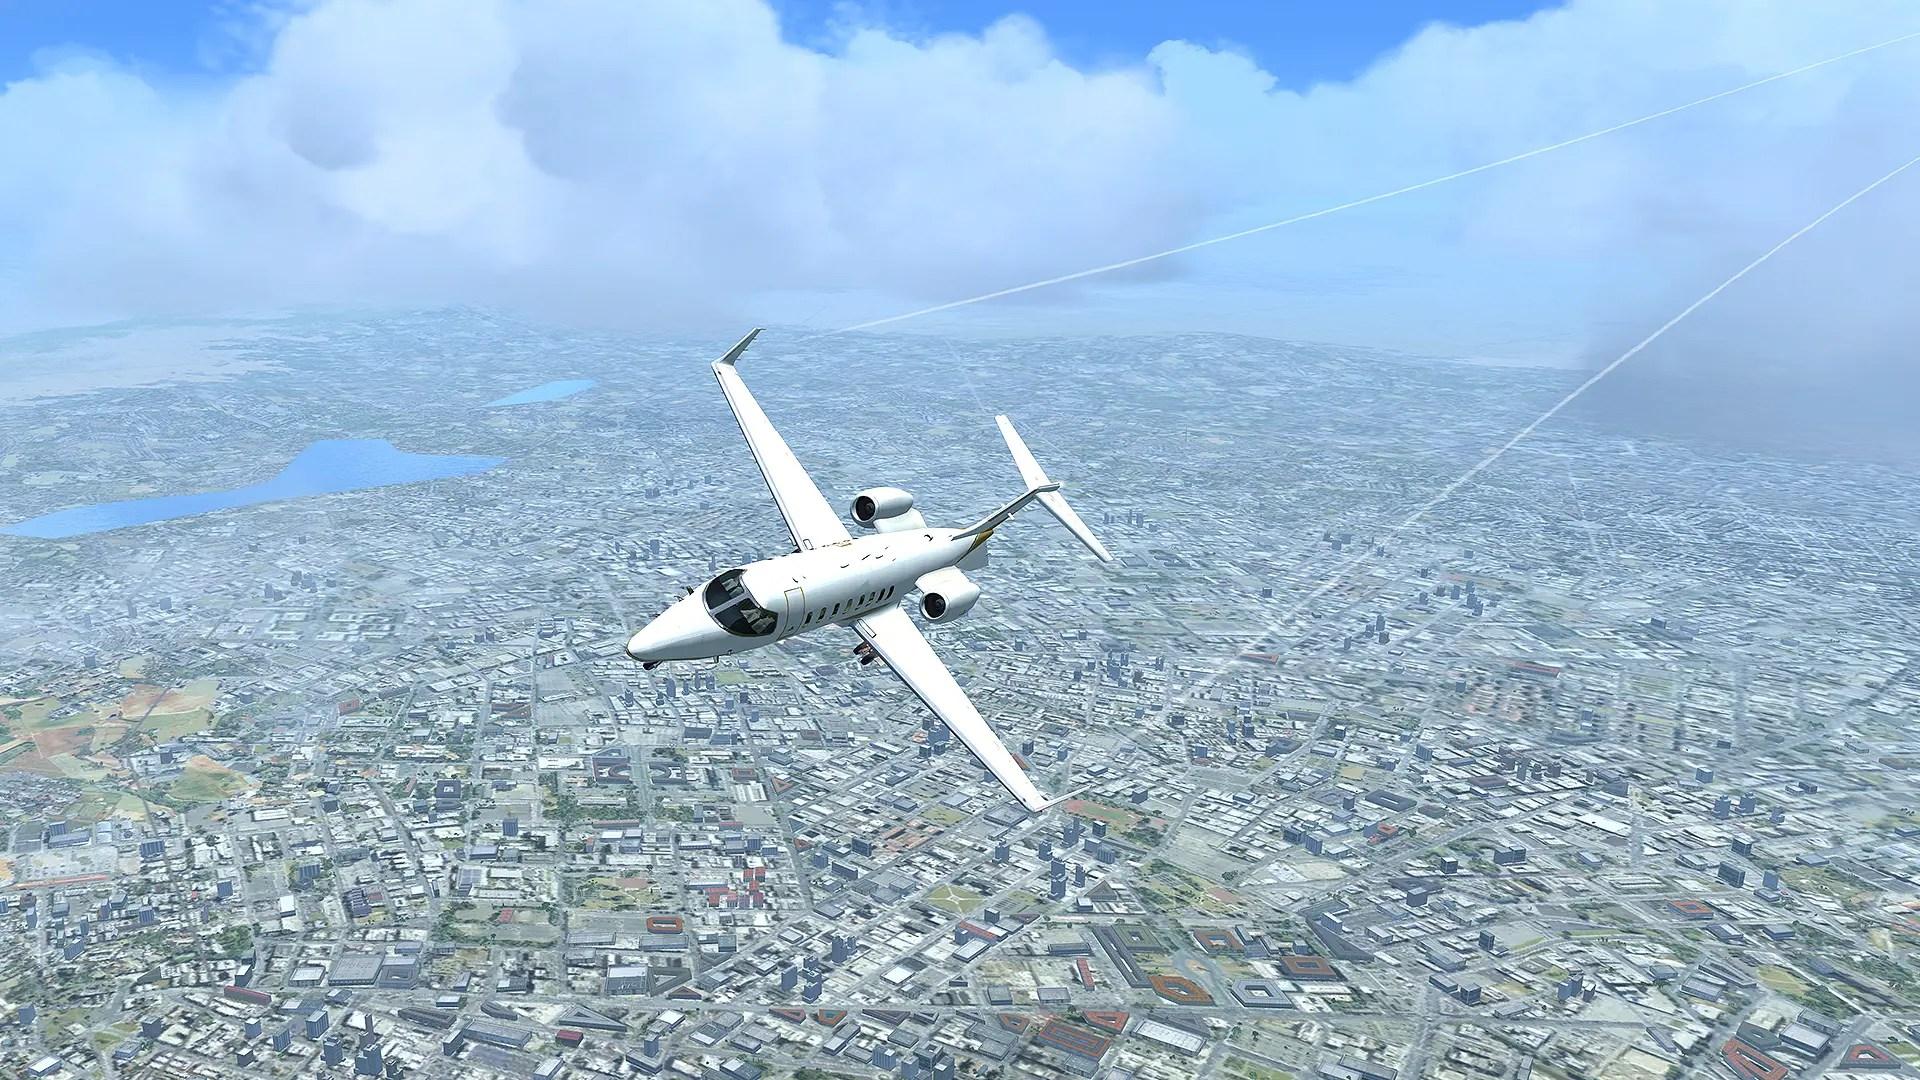 ms flight sim - HD1920×1080